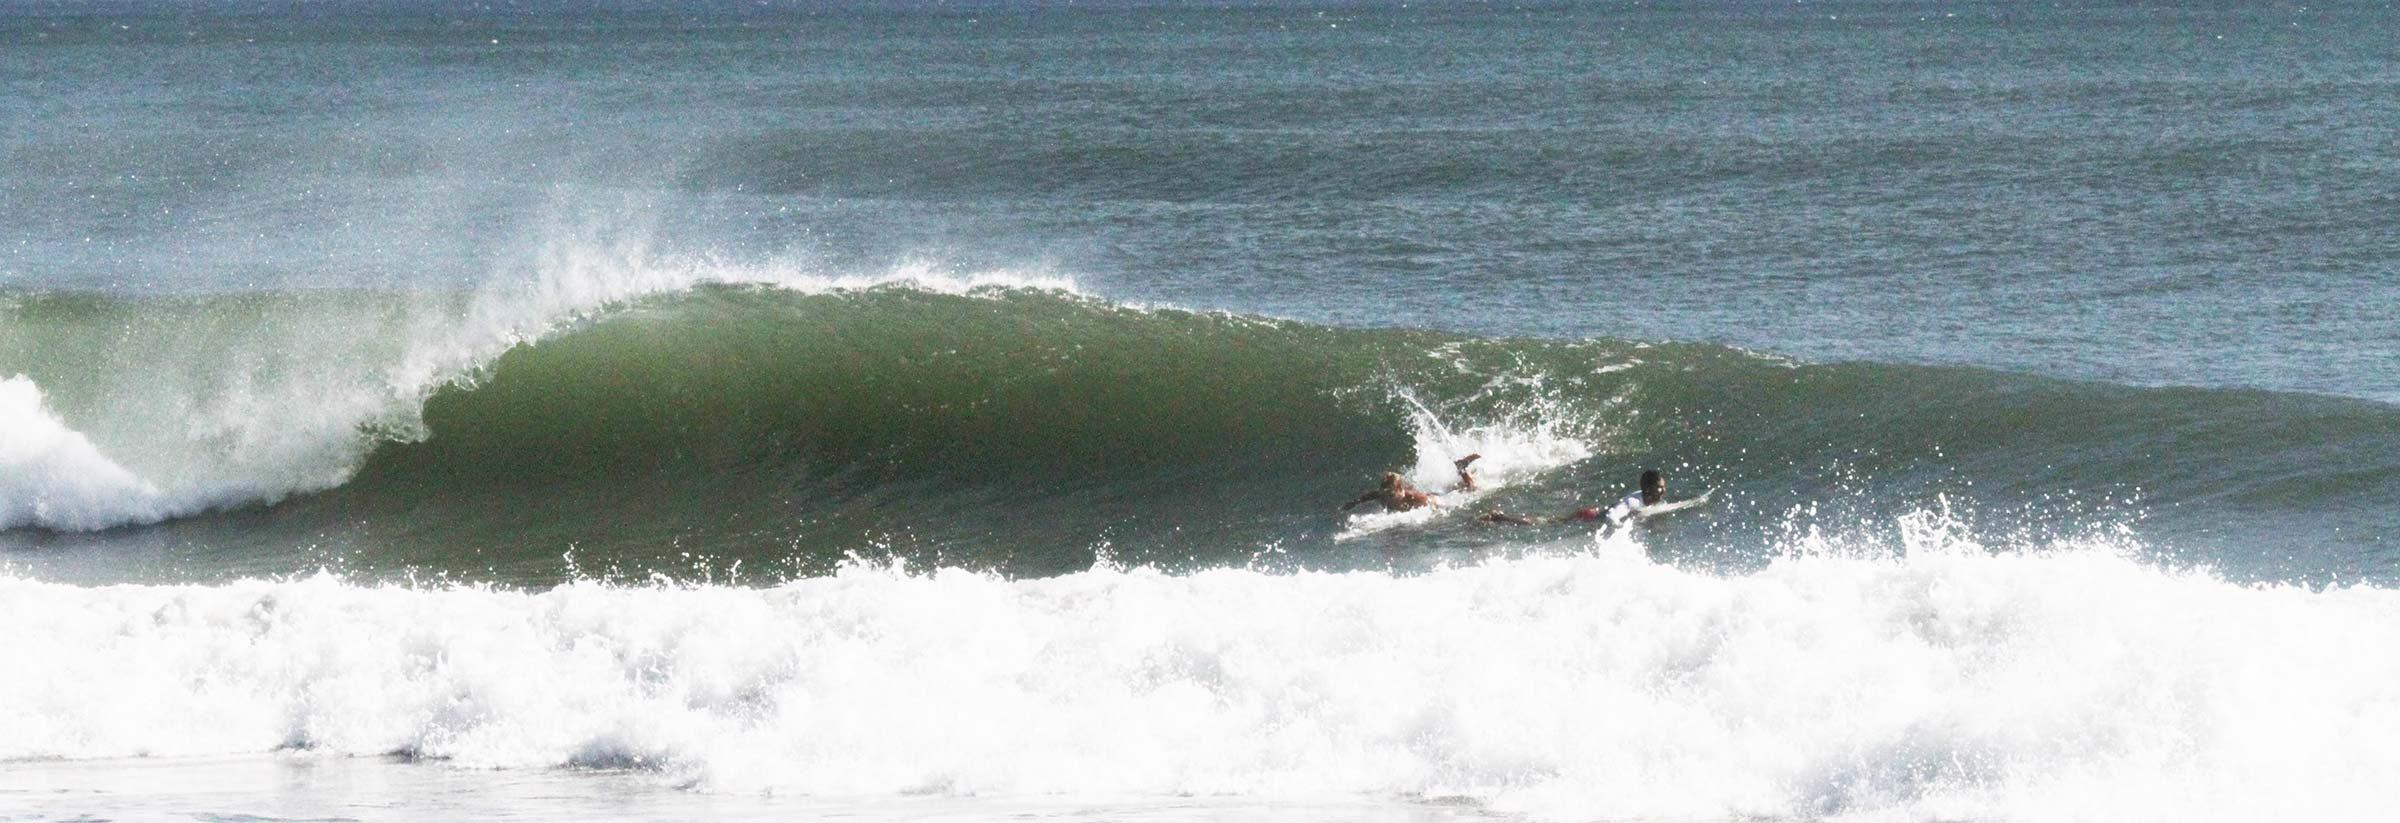 La Bocanita Surfing El Salvador